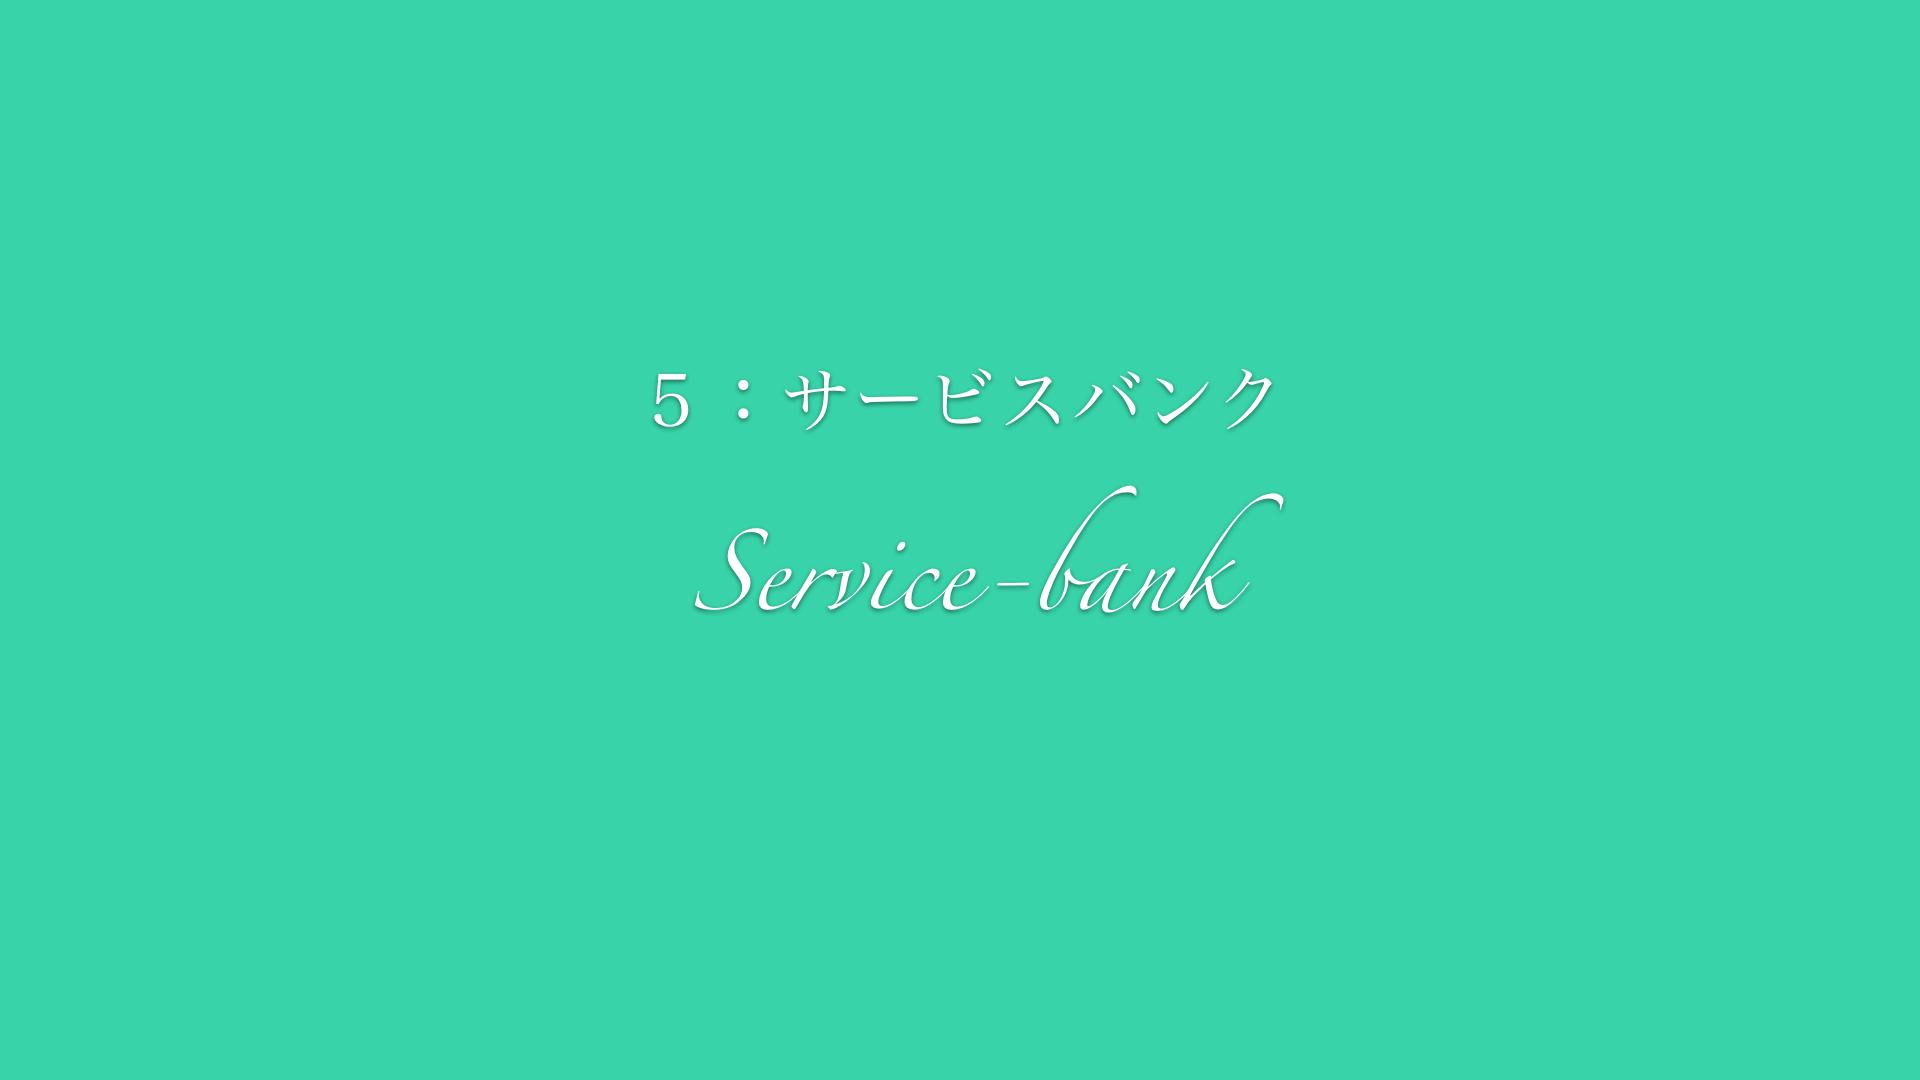 世界最高のコンセプトメイキングをお届け #5_Service-Bank【Updated】